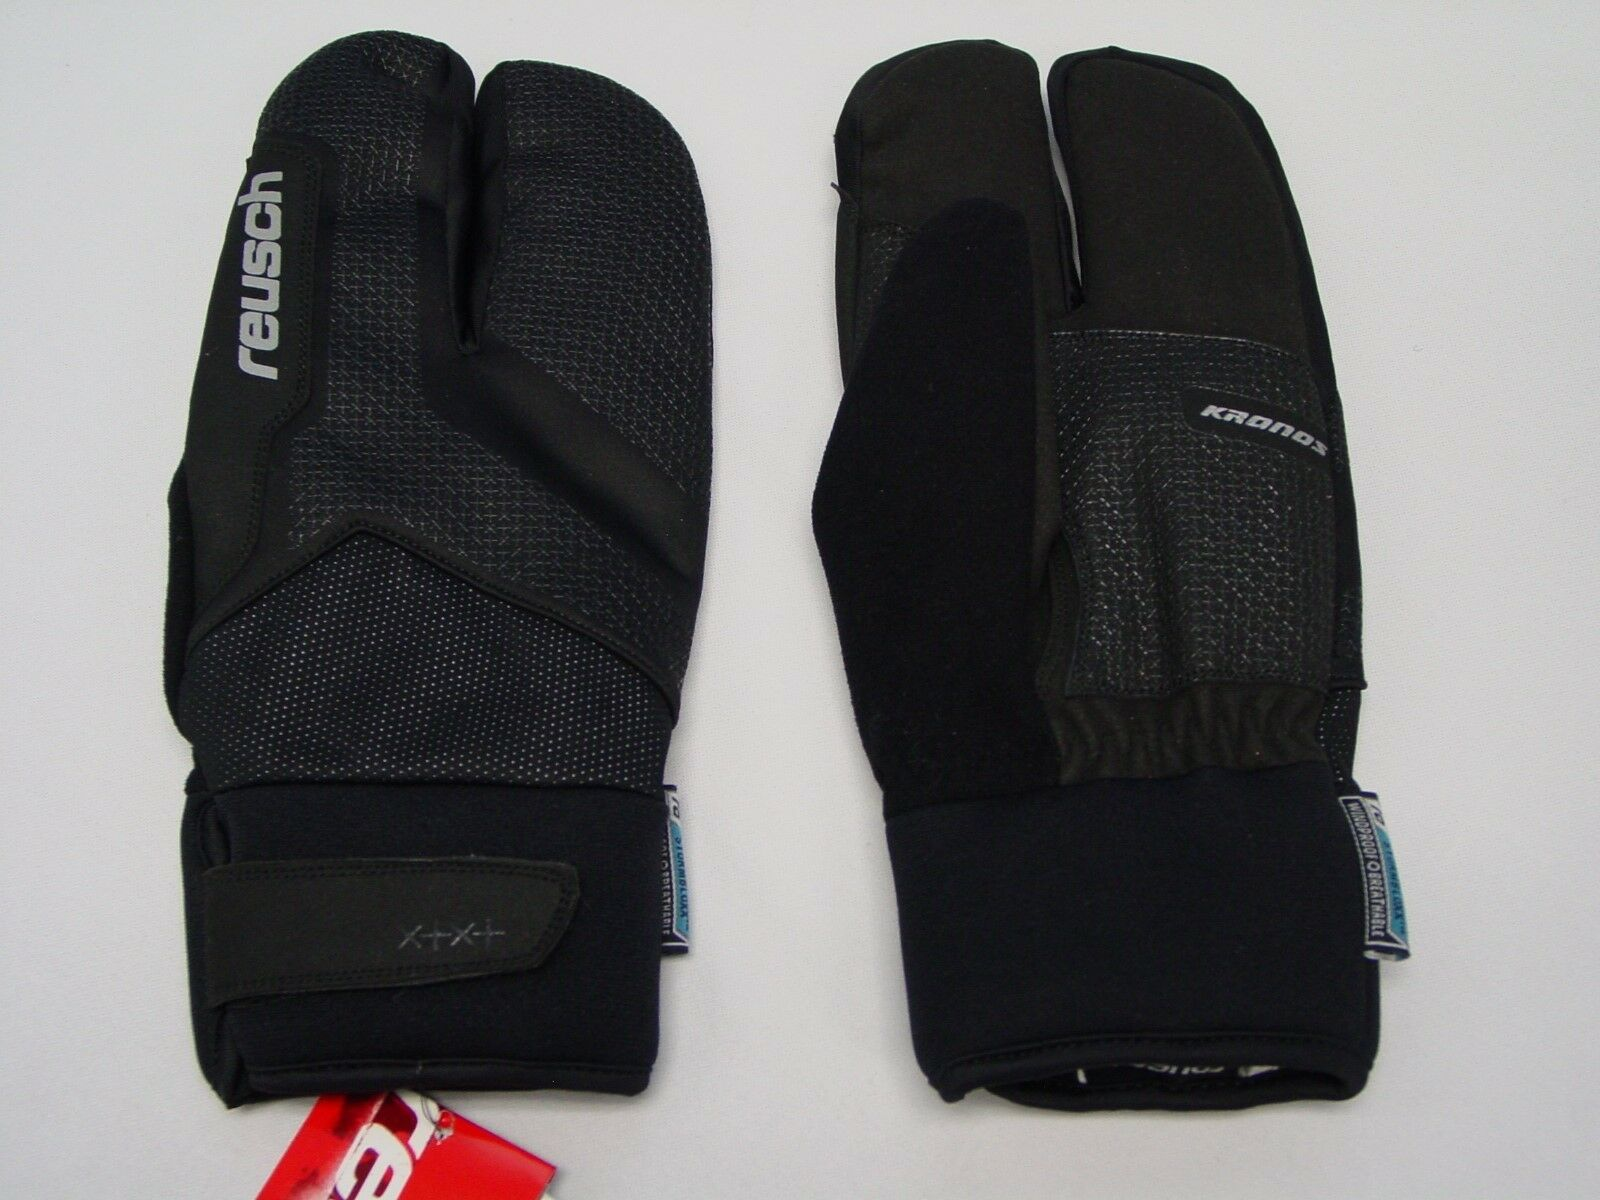 Neu Reusch Kronos Lobster Stormbloxx Ski Nordische Handschuhe Erwachsene Medium